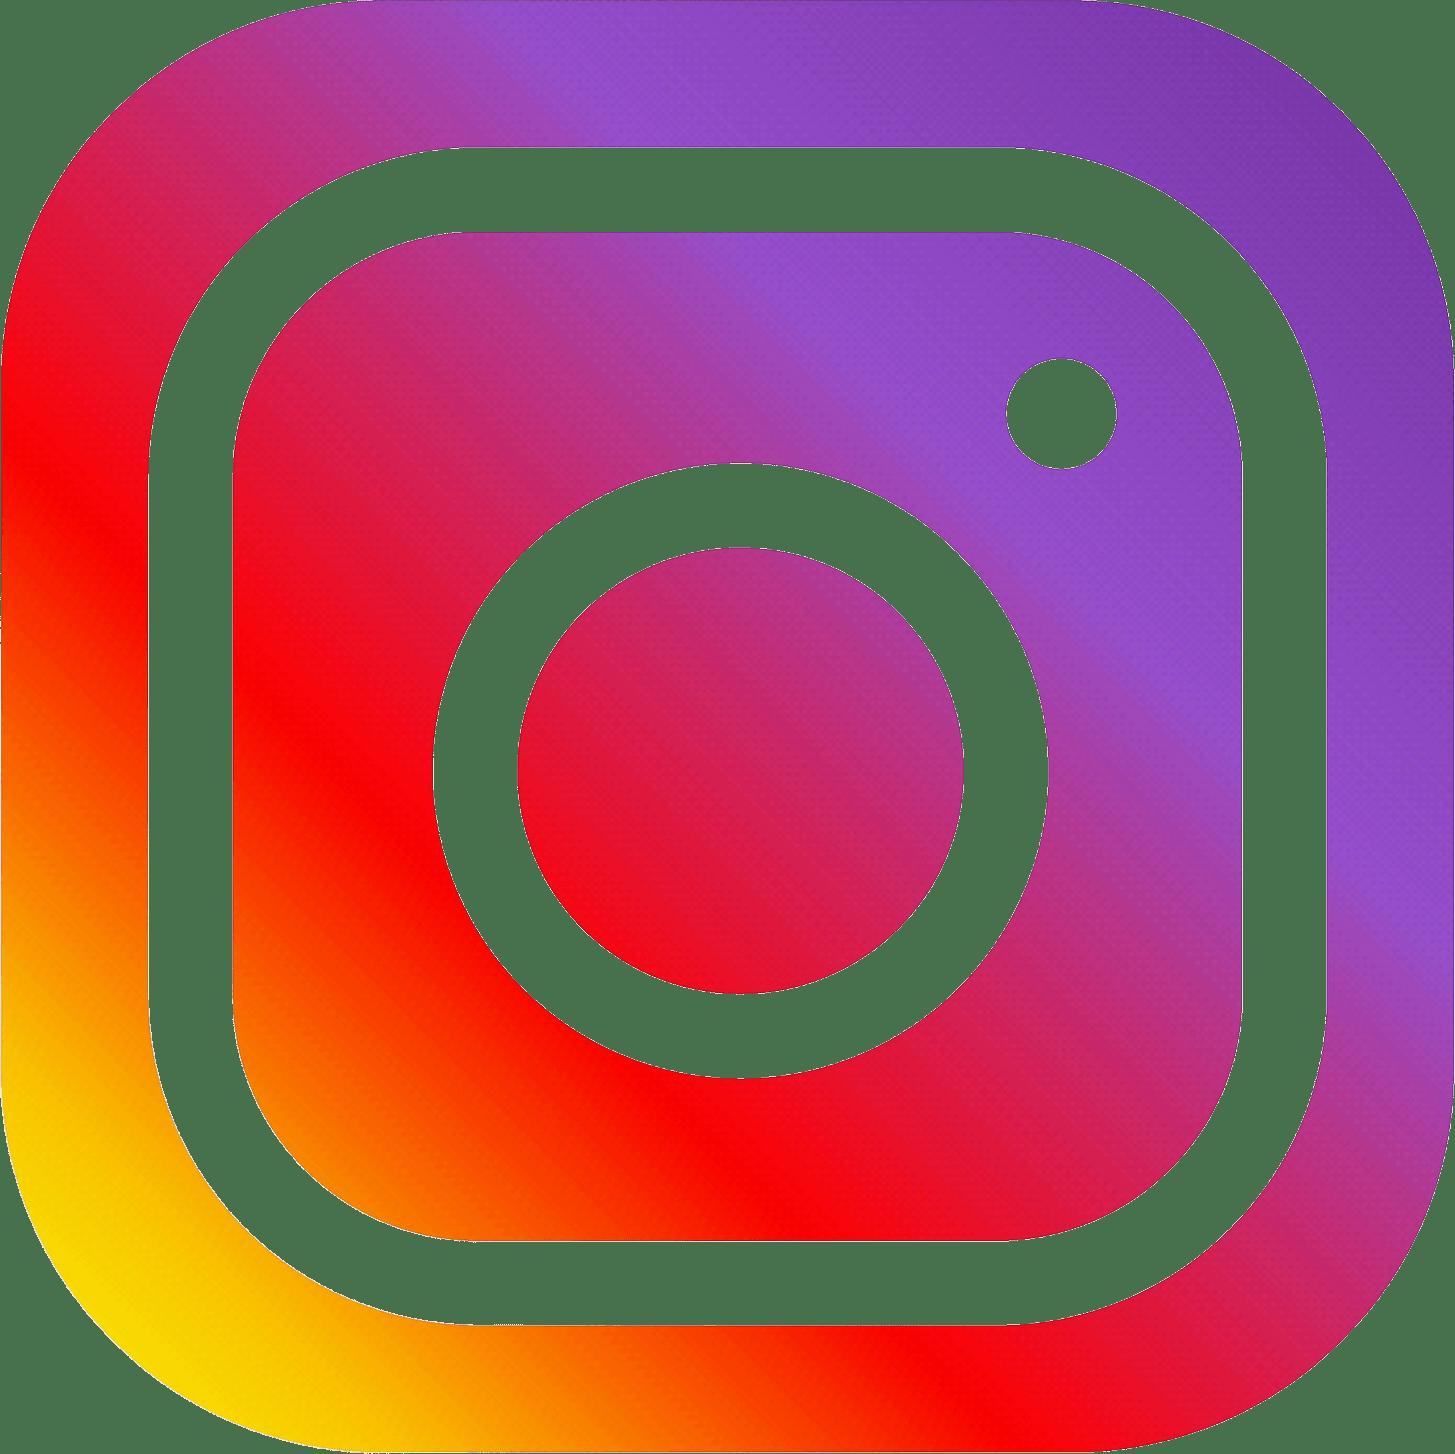 instagram-logo-png-transparent-background.png